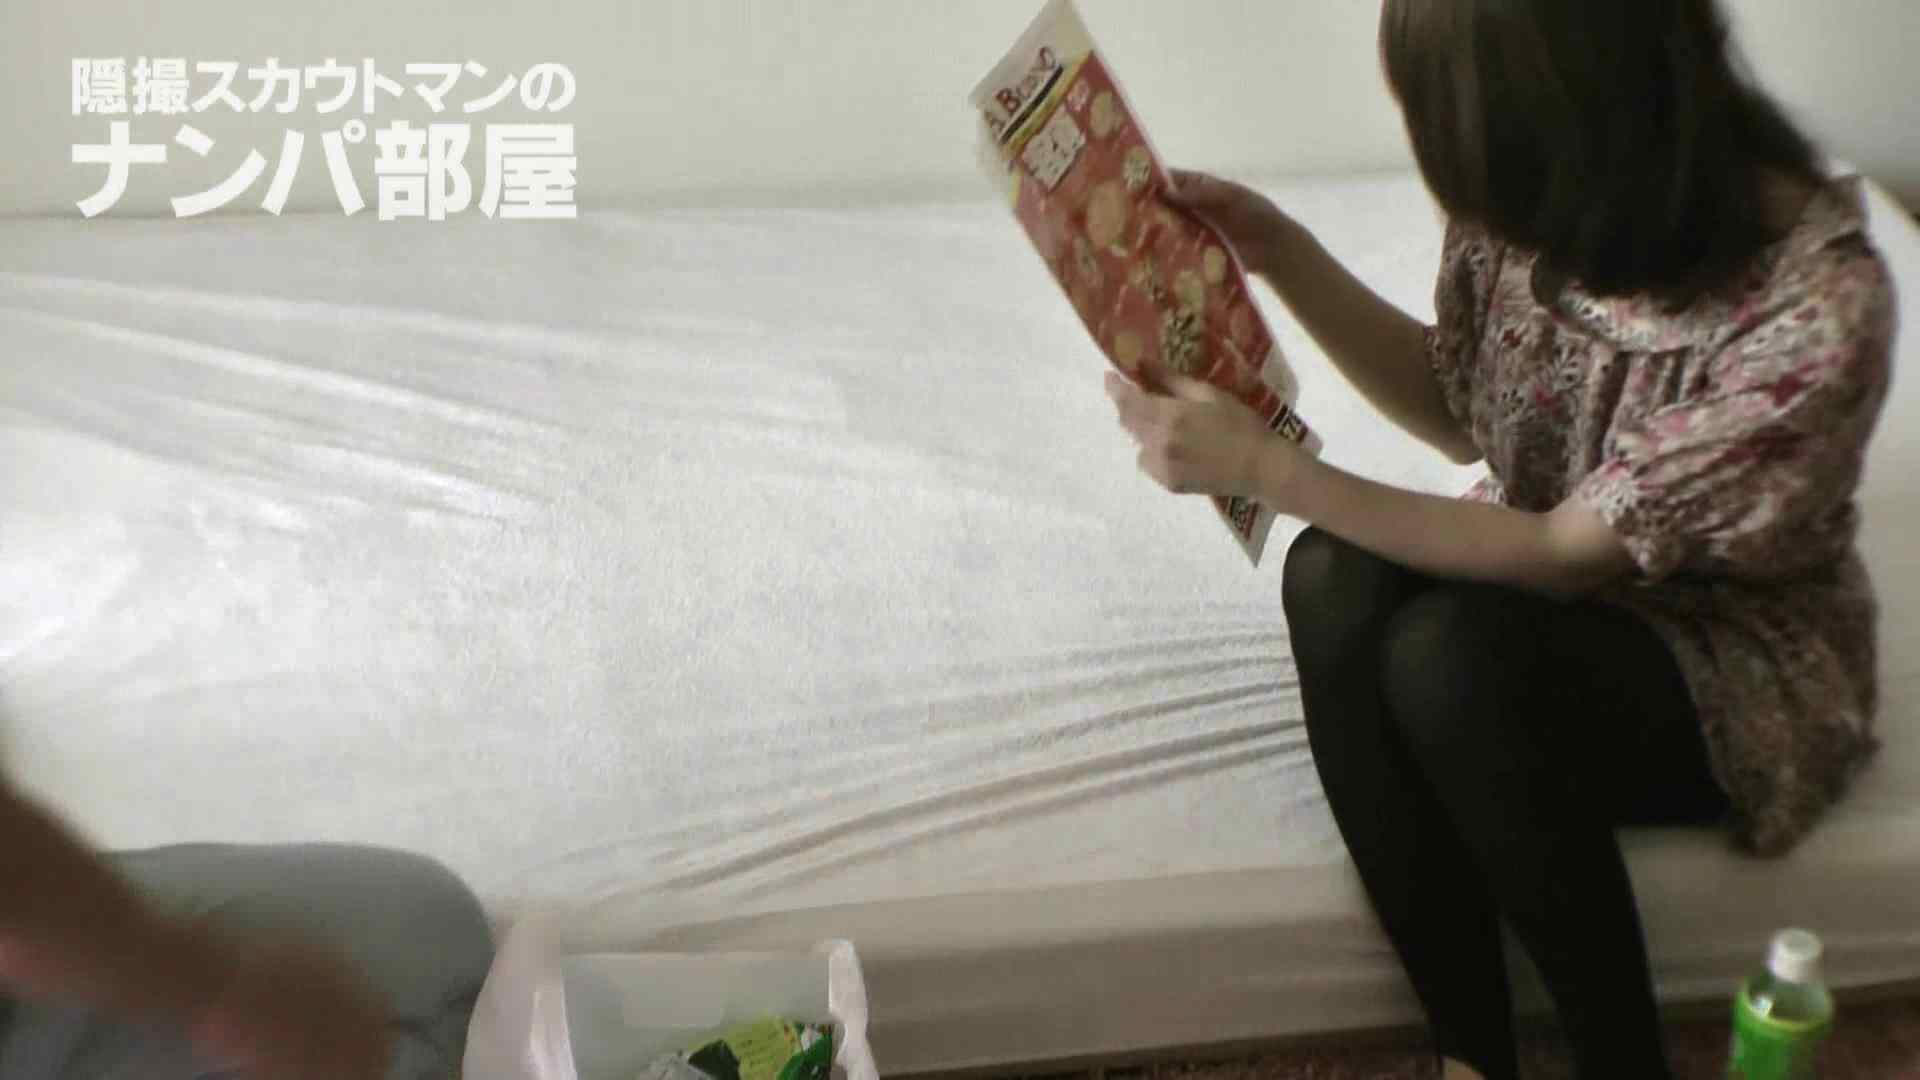 隠撮スカウトマンのナンパ部屋~風俗デビュー前のつまみ食い~ sii 隠撮 SEX無修正画像 100連発 8